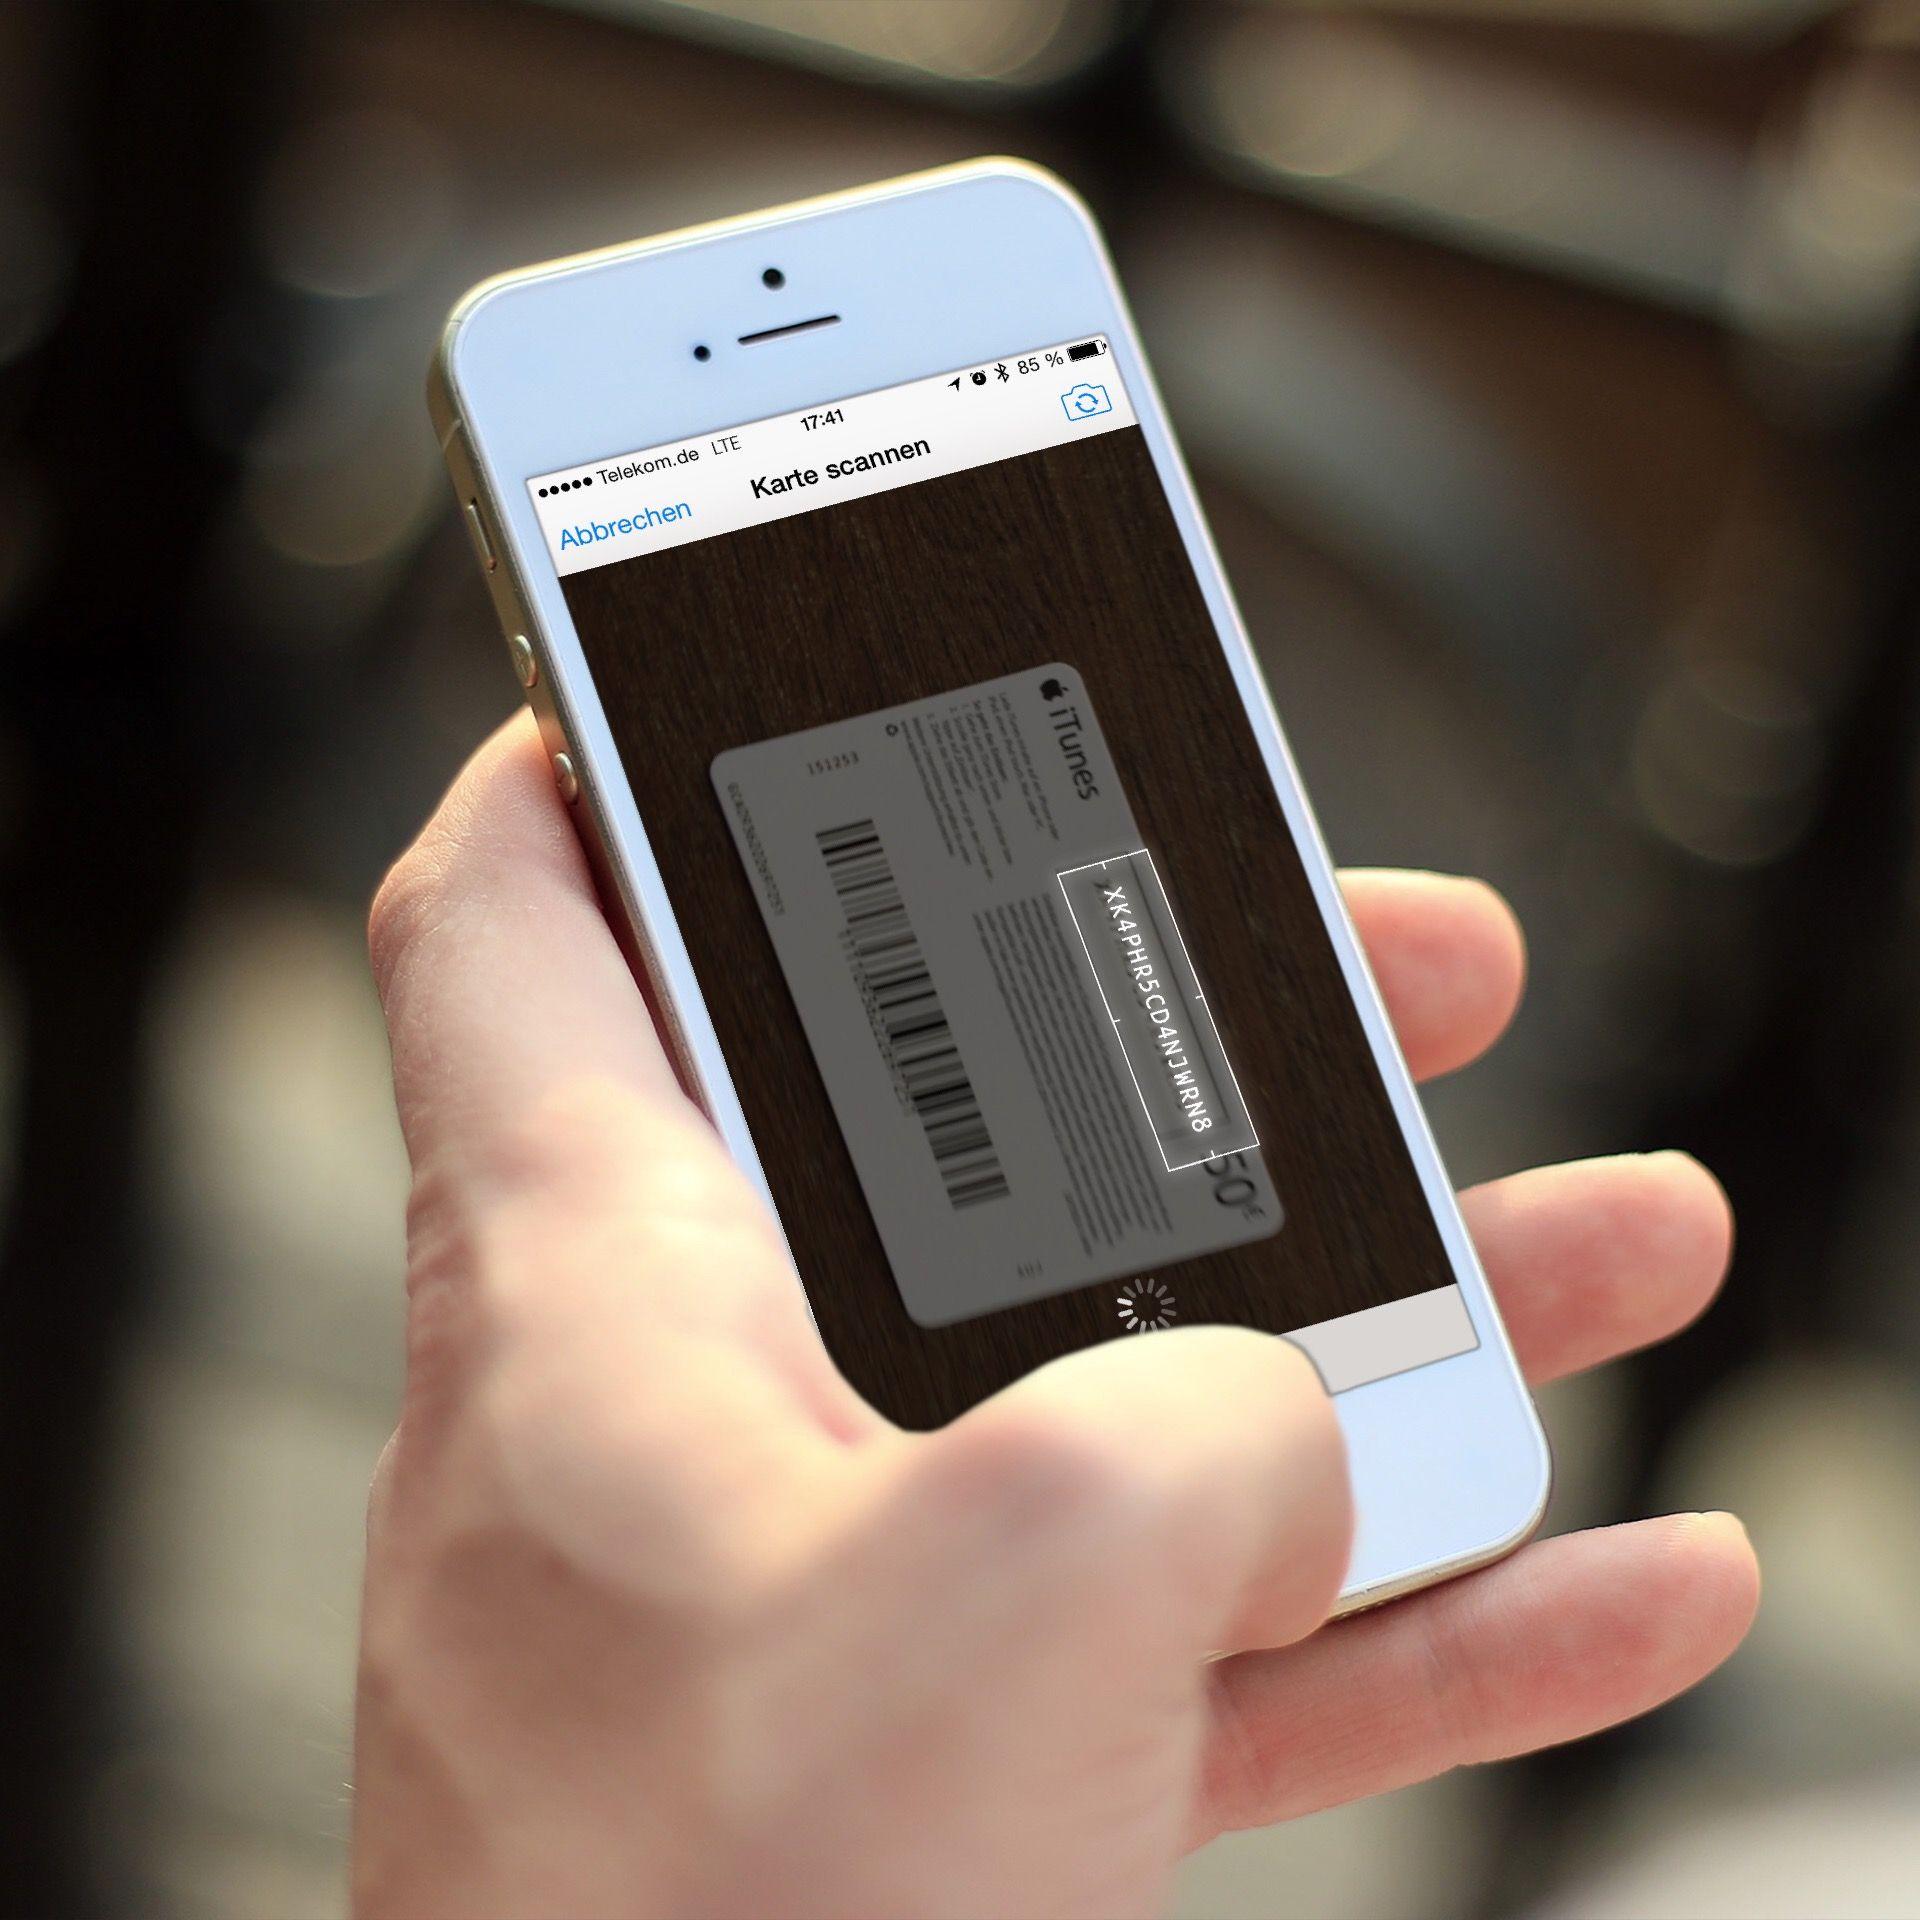 Itunes gutschein mit iphone einlosen